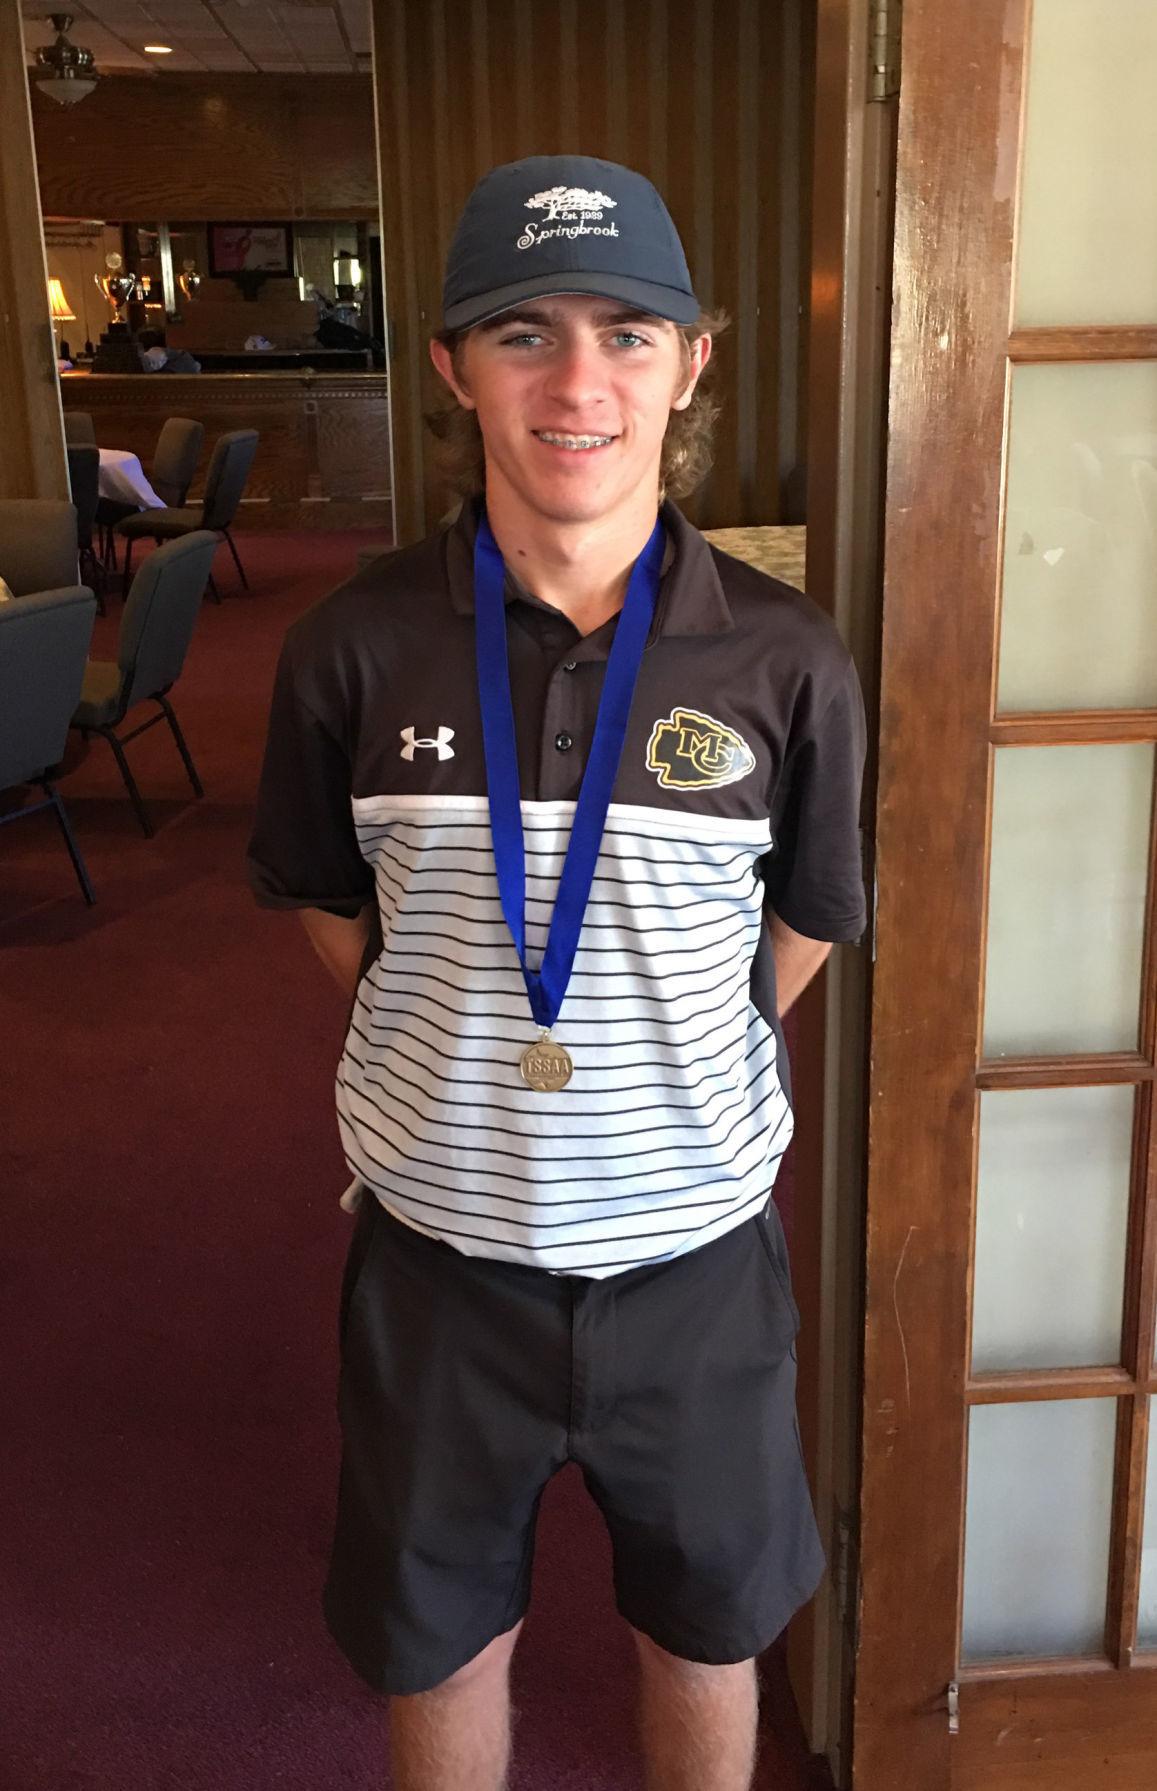 Region medalist Dodj Watson